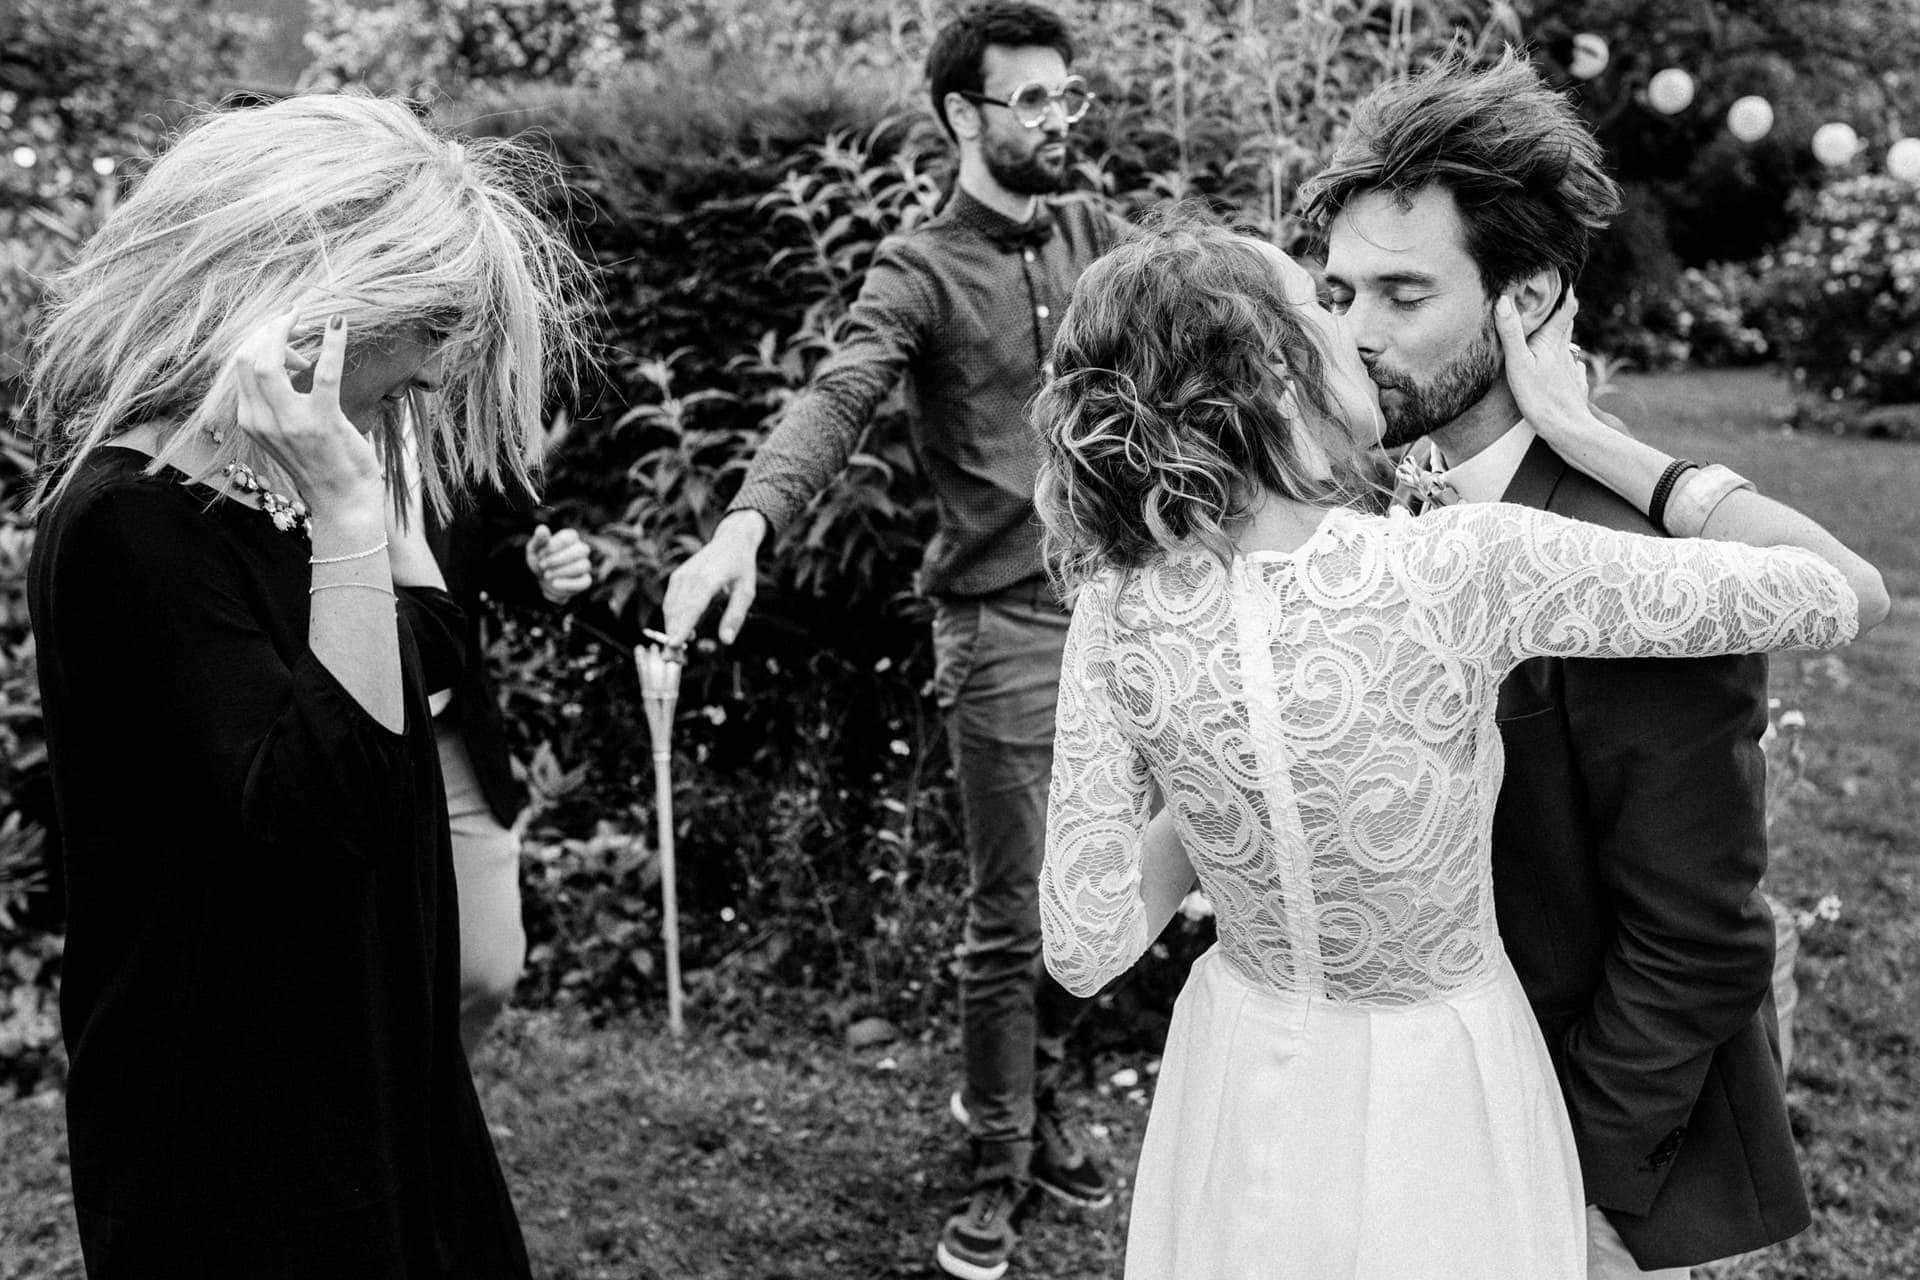 les mariés s'embrassent les cheveux au vent Ernestine et sa famille photographe de mariage à l'approche reportage